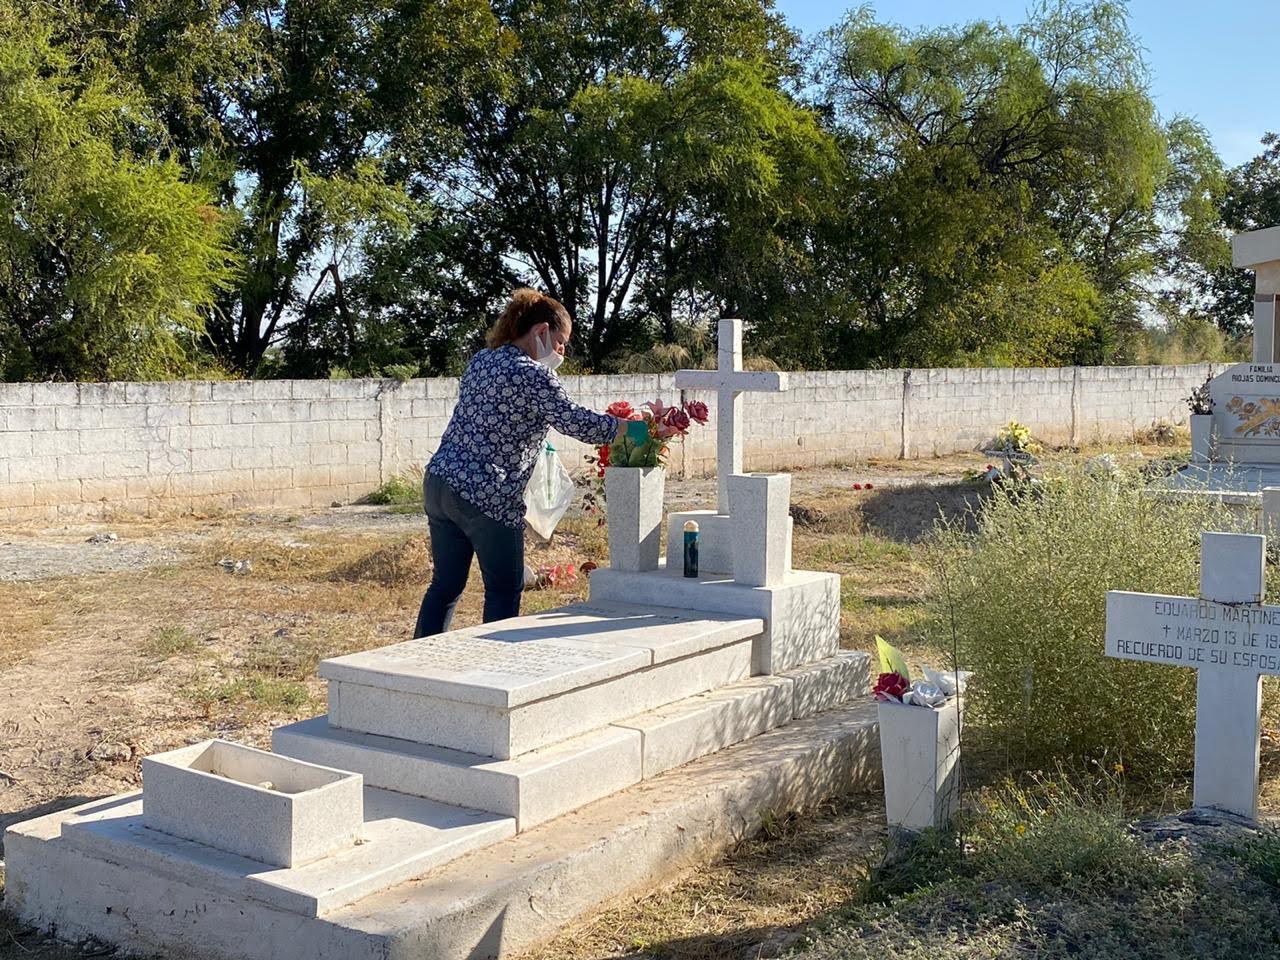 Panteón de 'San Buena'  restringirá acceso a las personas vulnerables